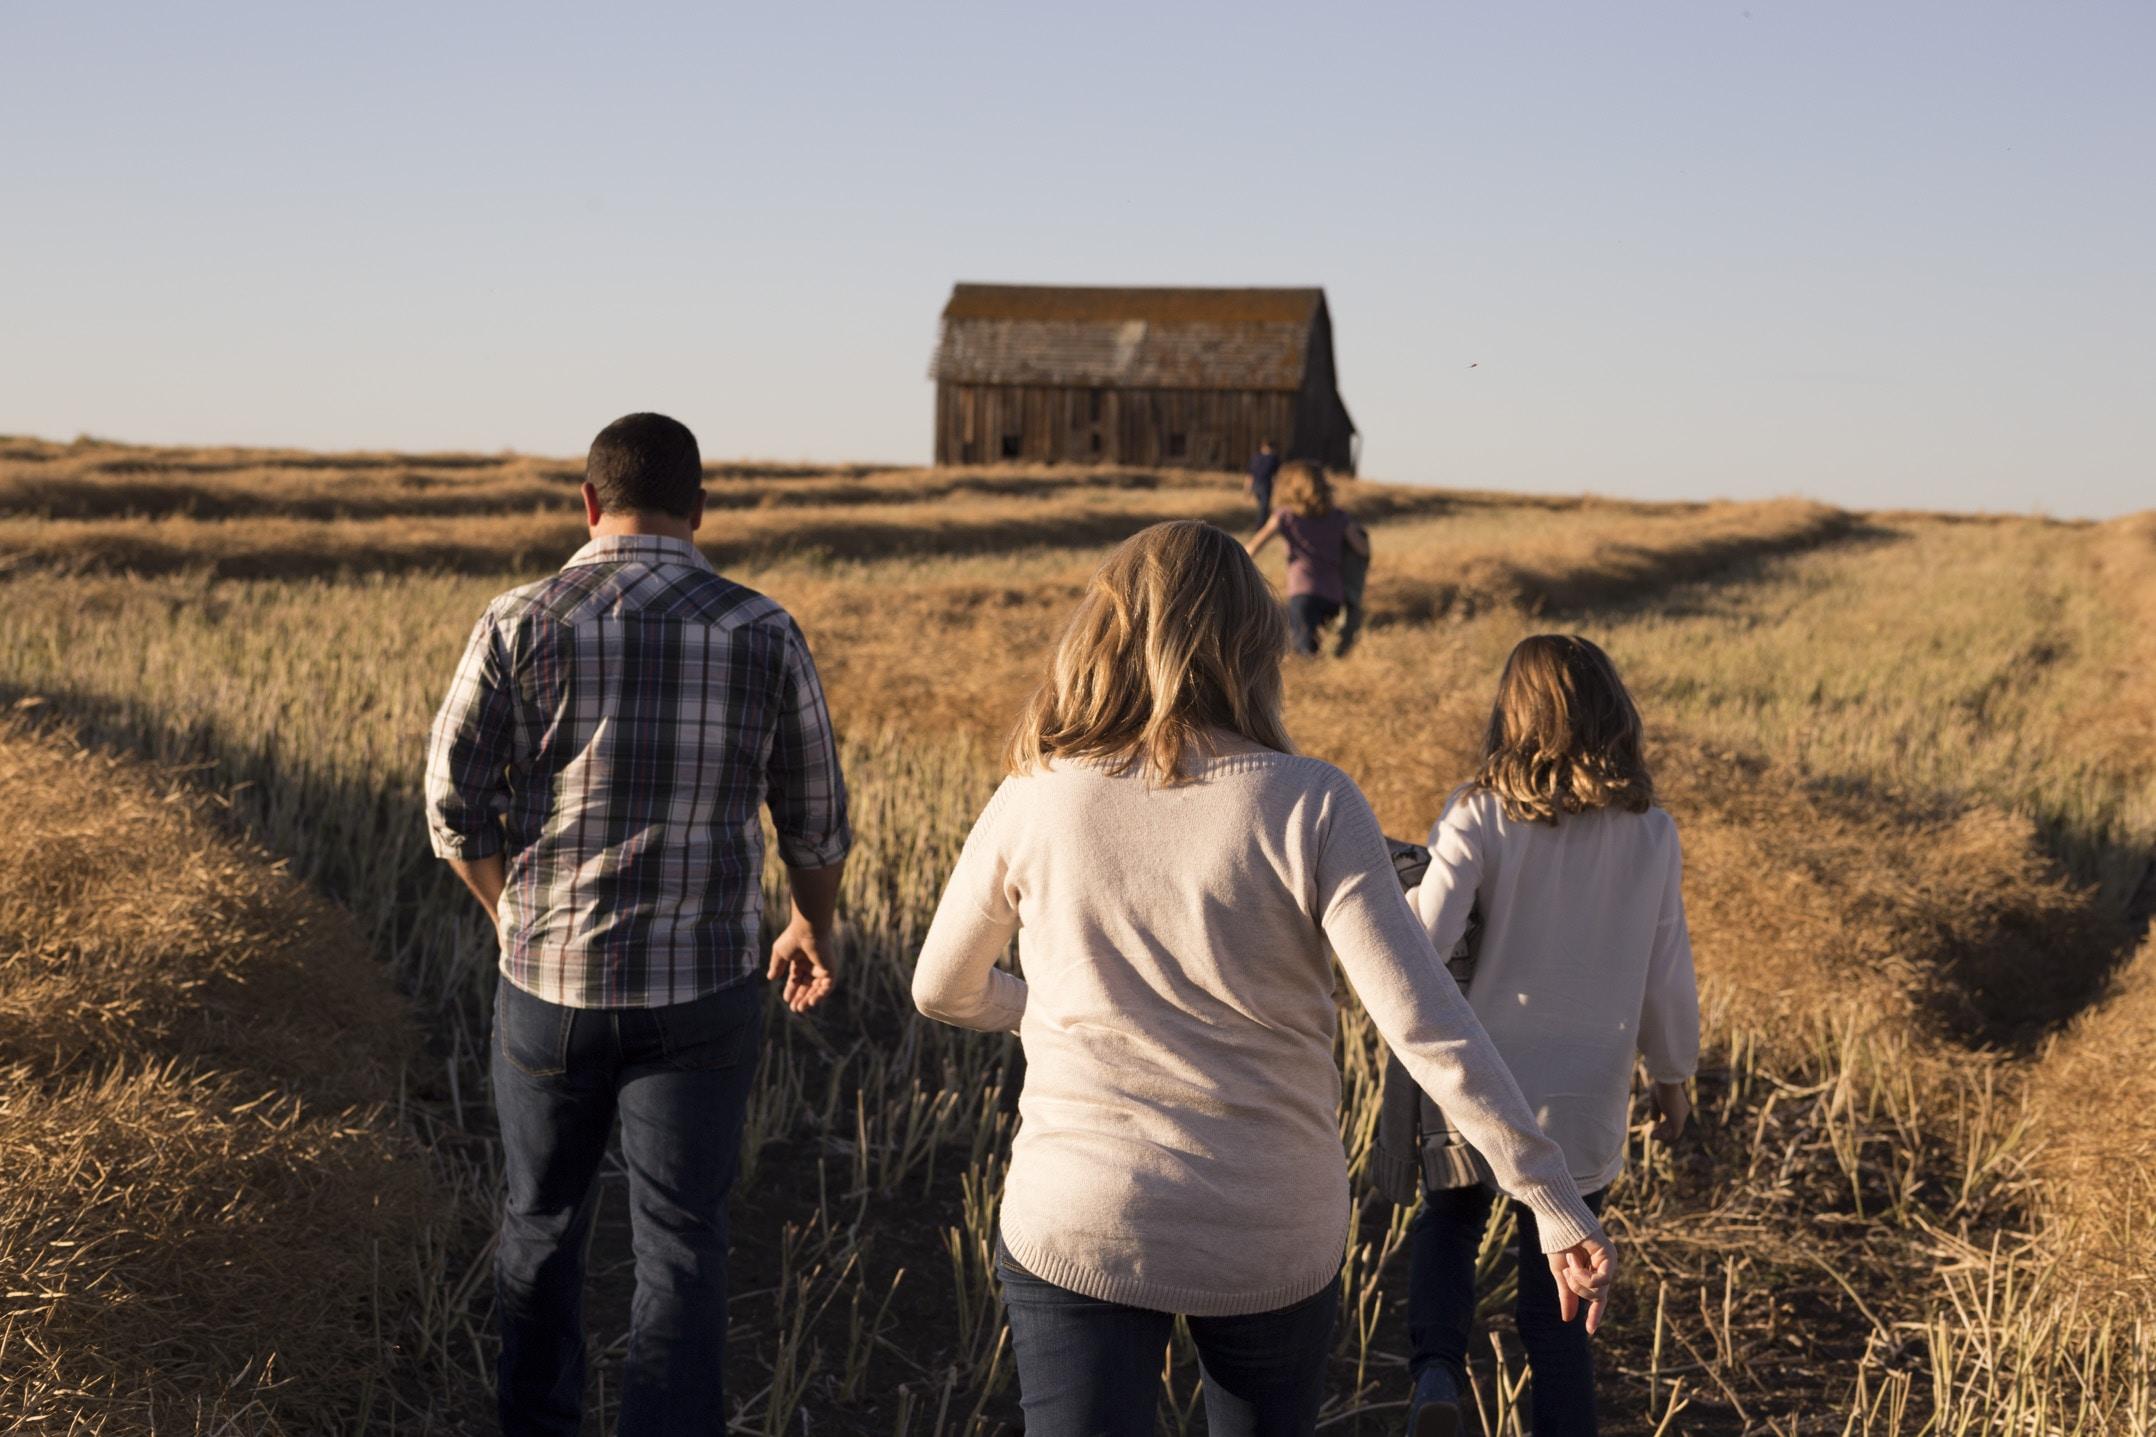 A family walking through a golden field towards a barn